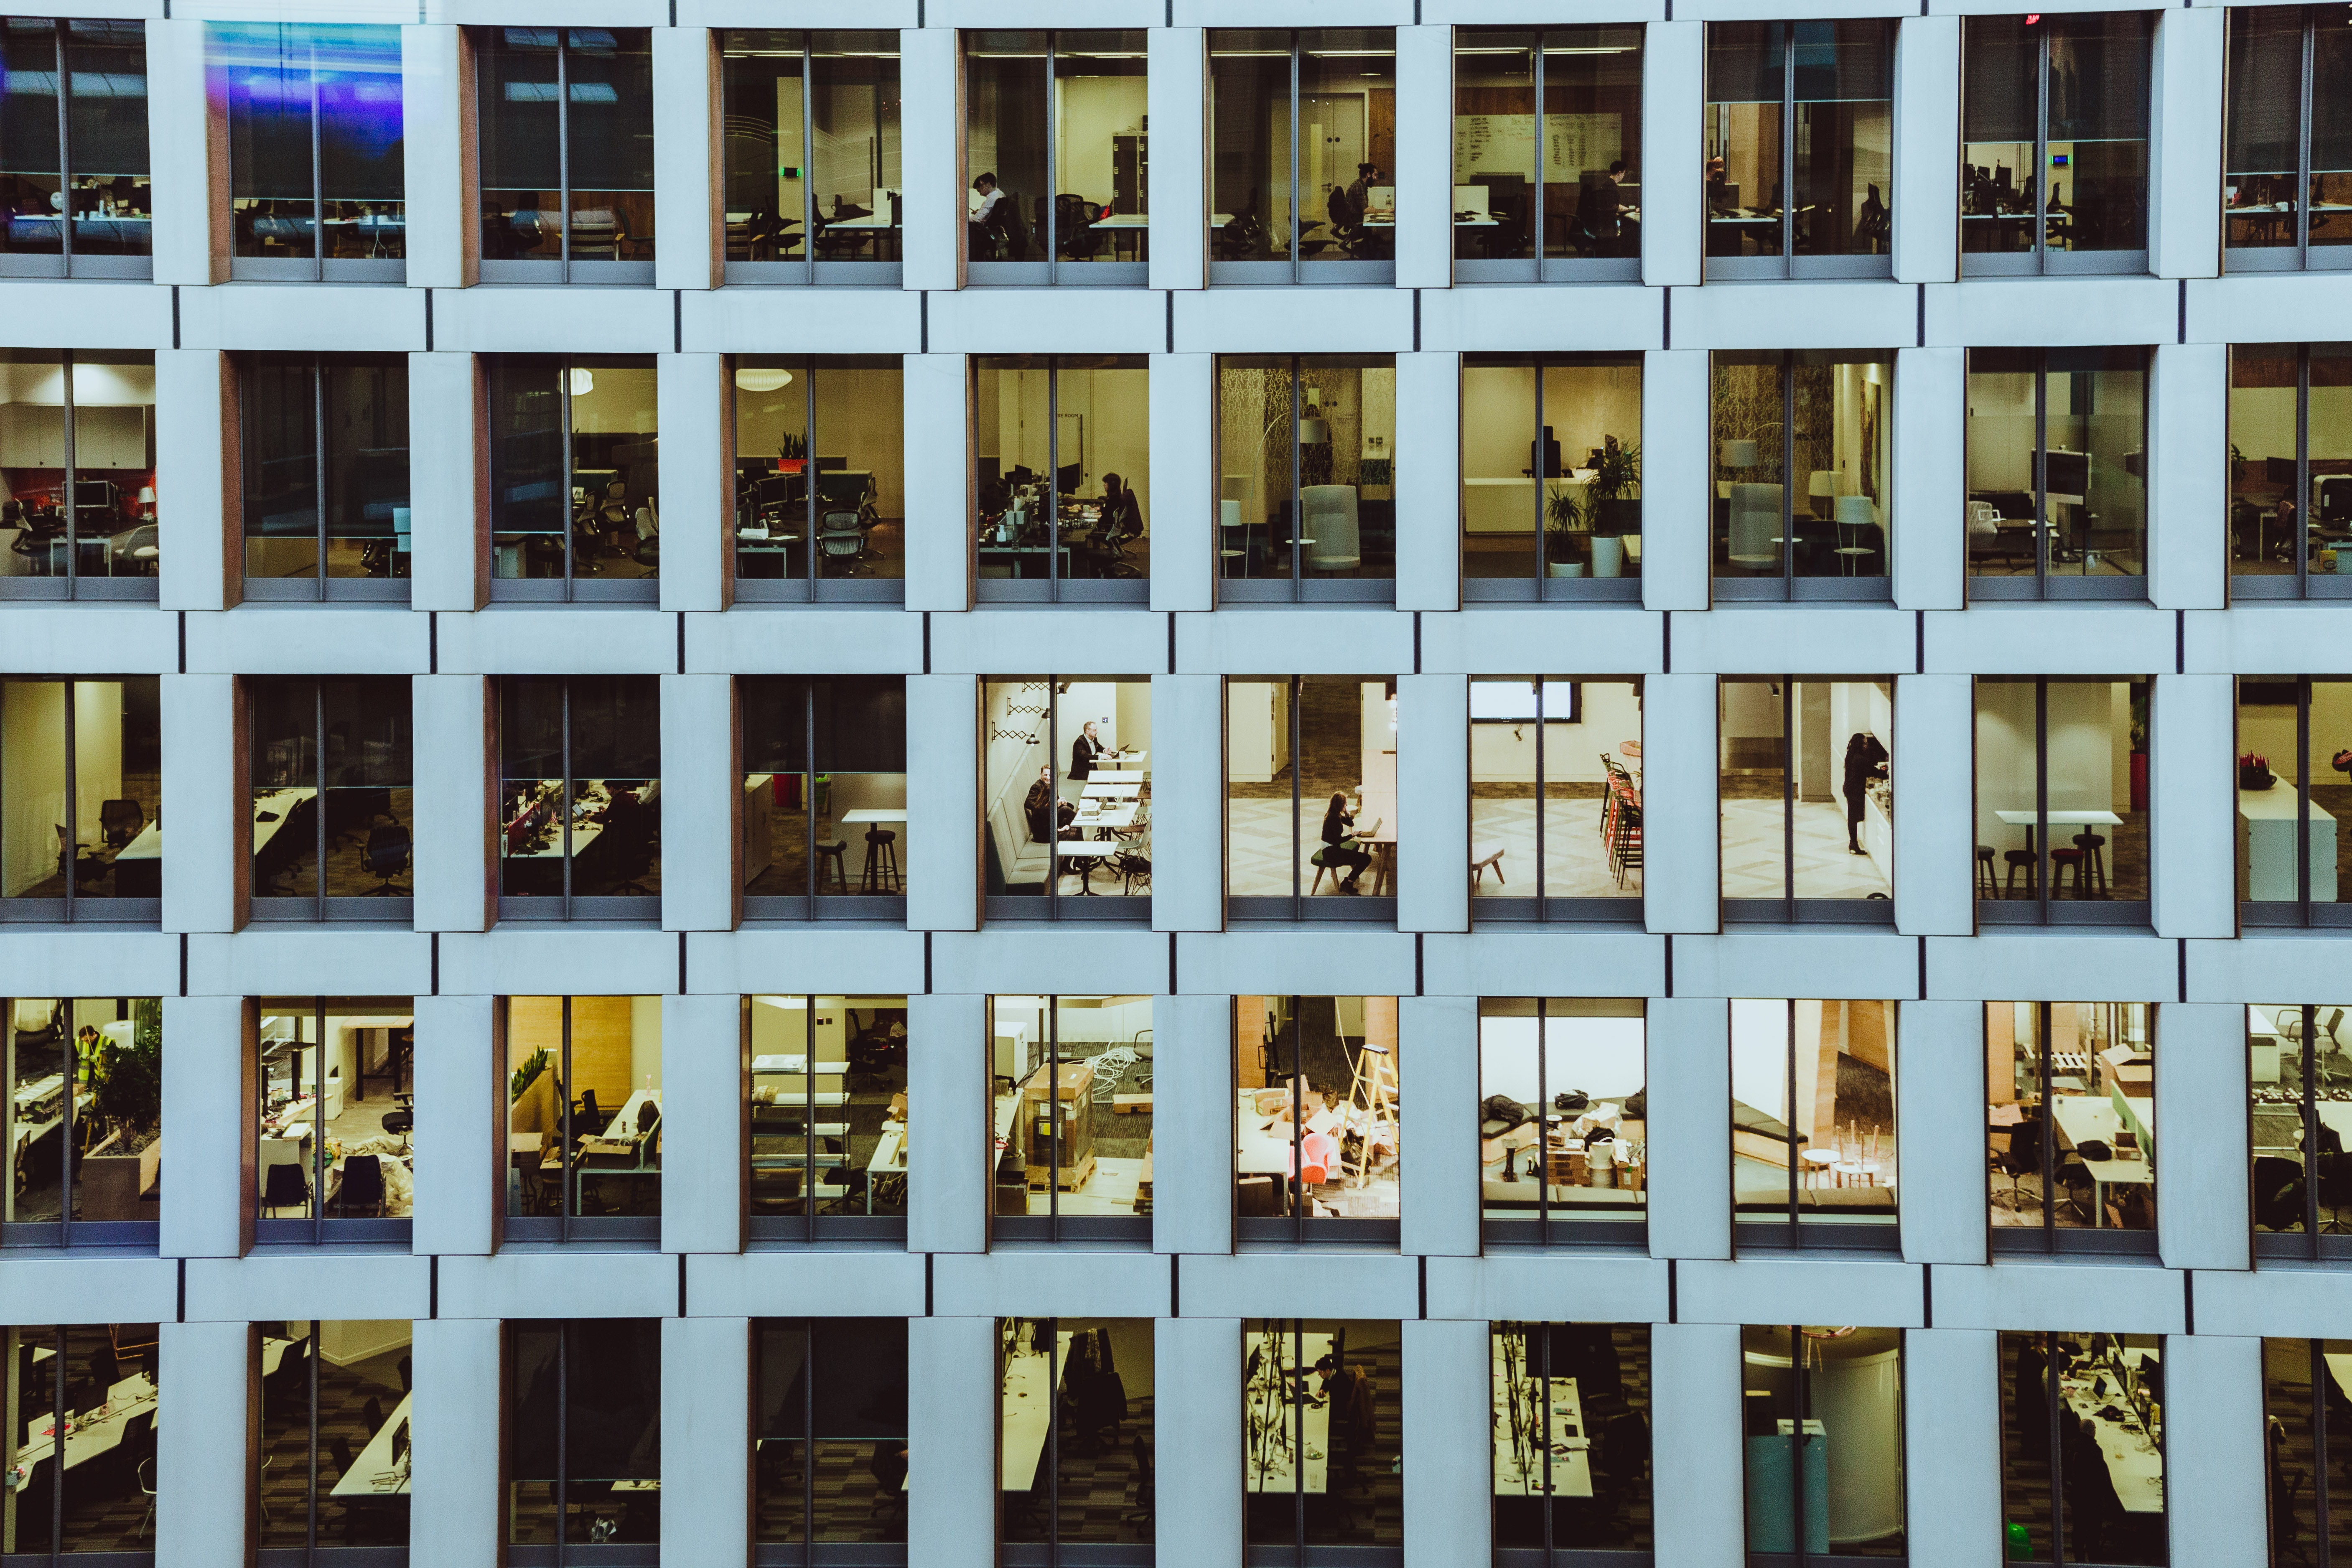 Este es el top 5 de los obstáculos al trabajo digno y decente en México